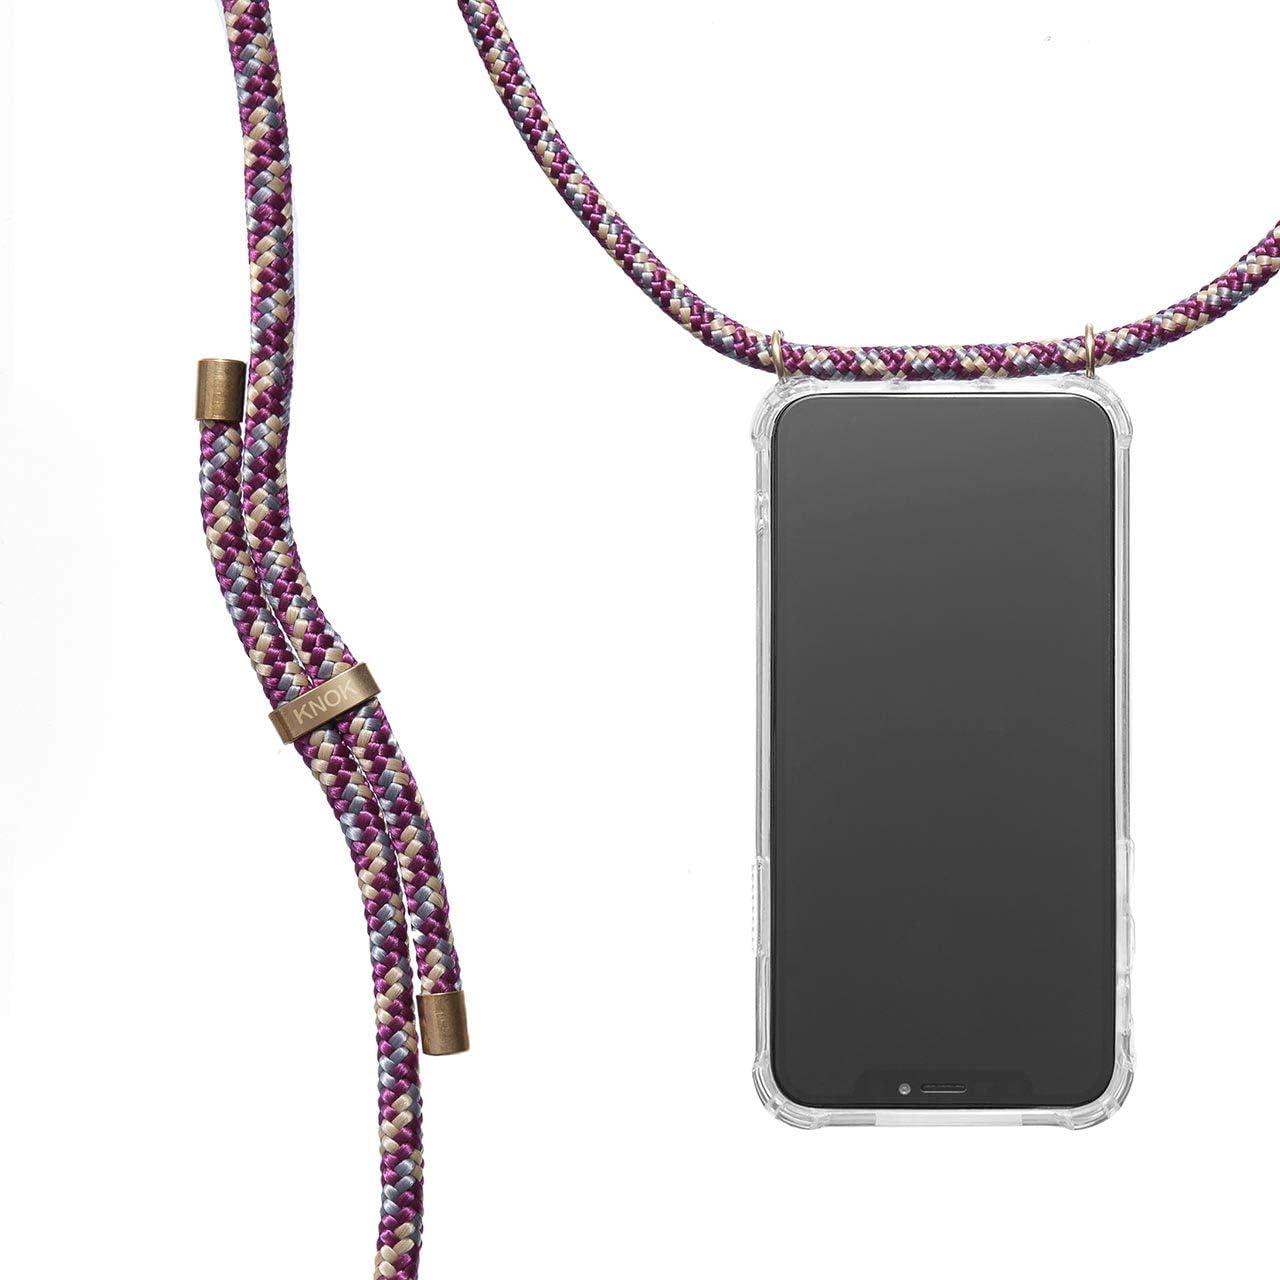 KNOK Funda Colgante movil con Cuerda para Colgar iPhone 11 Pro - Carcasa de móvil iPhone Samsung Huawei con Correa Colgante - con Cordon para Llevar en el Cuello